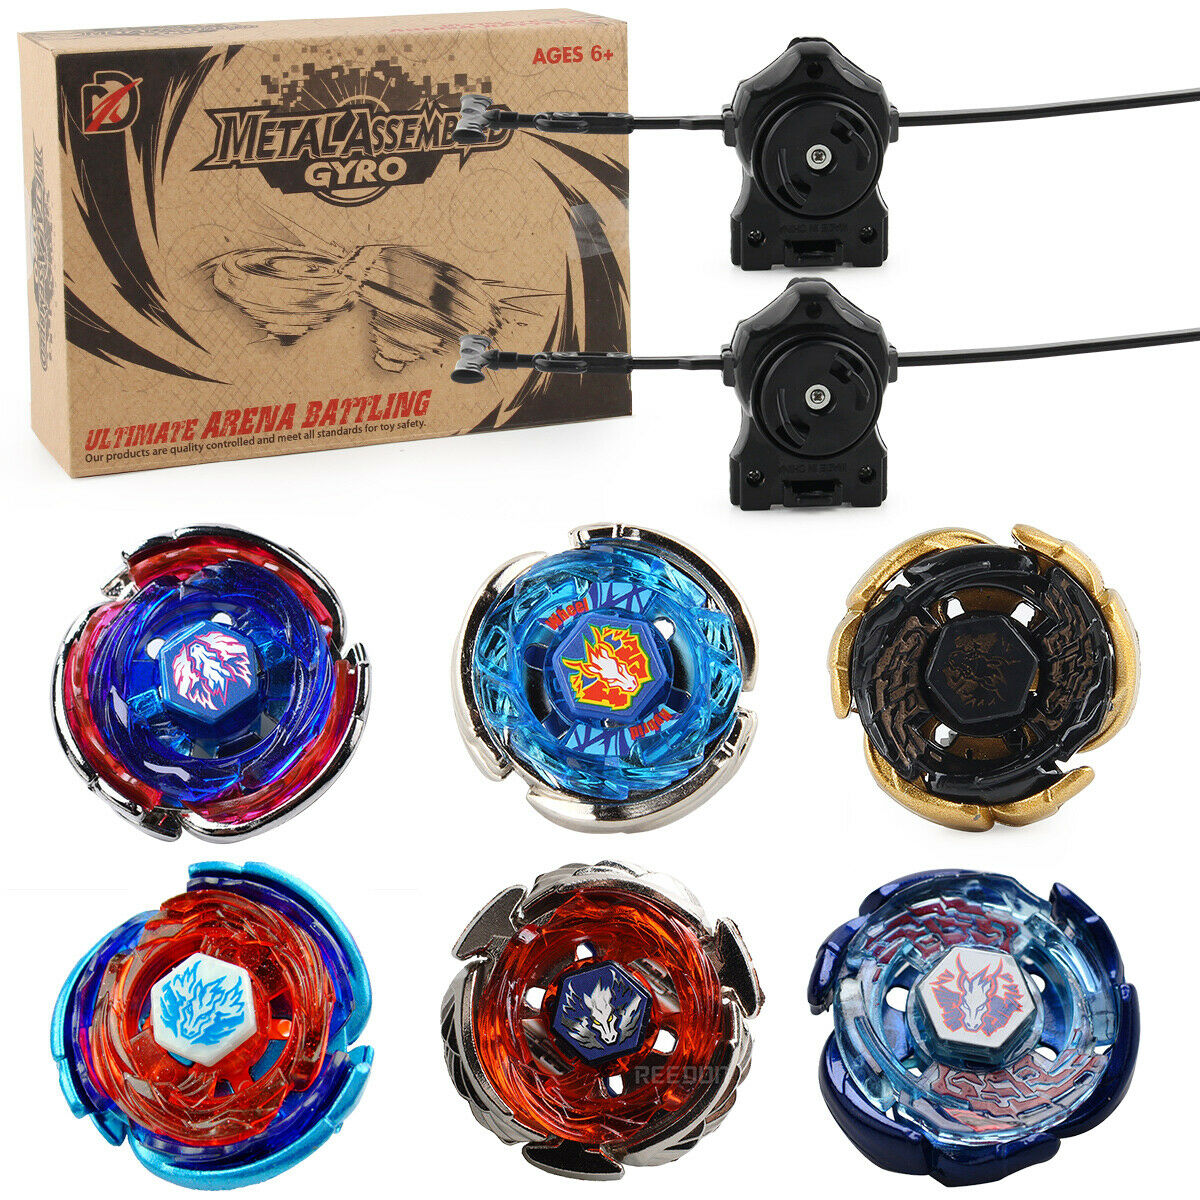 Kreisel für Beyblade Metall Master Fusion Arena Launcher Set Bayblade Metal Toy